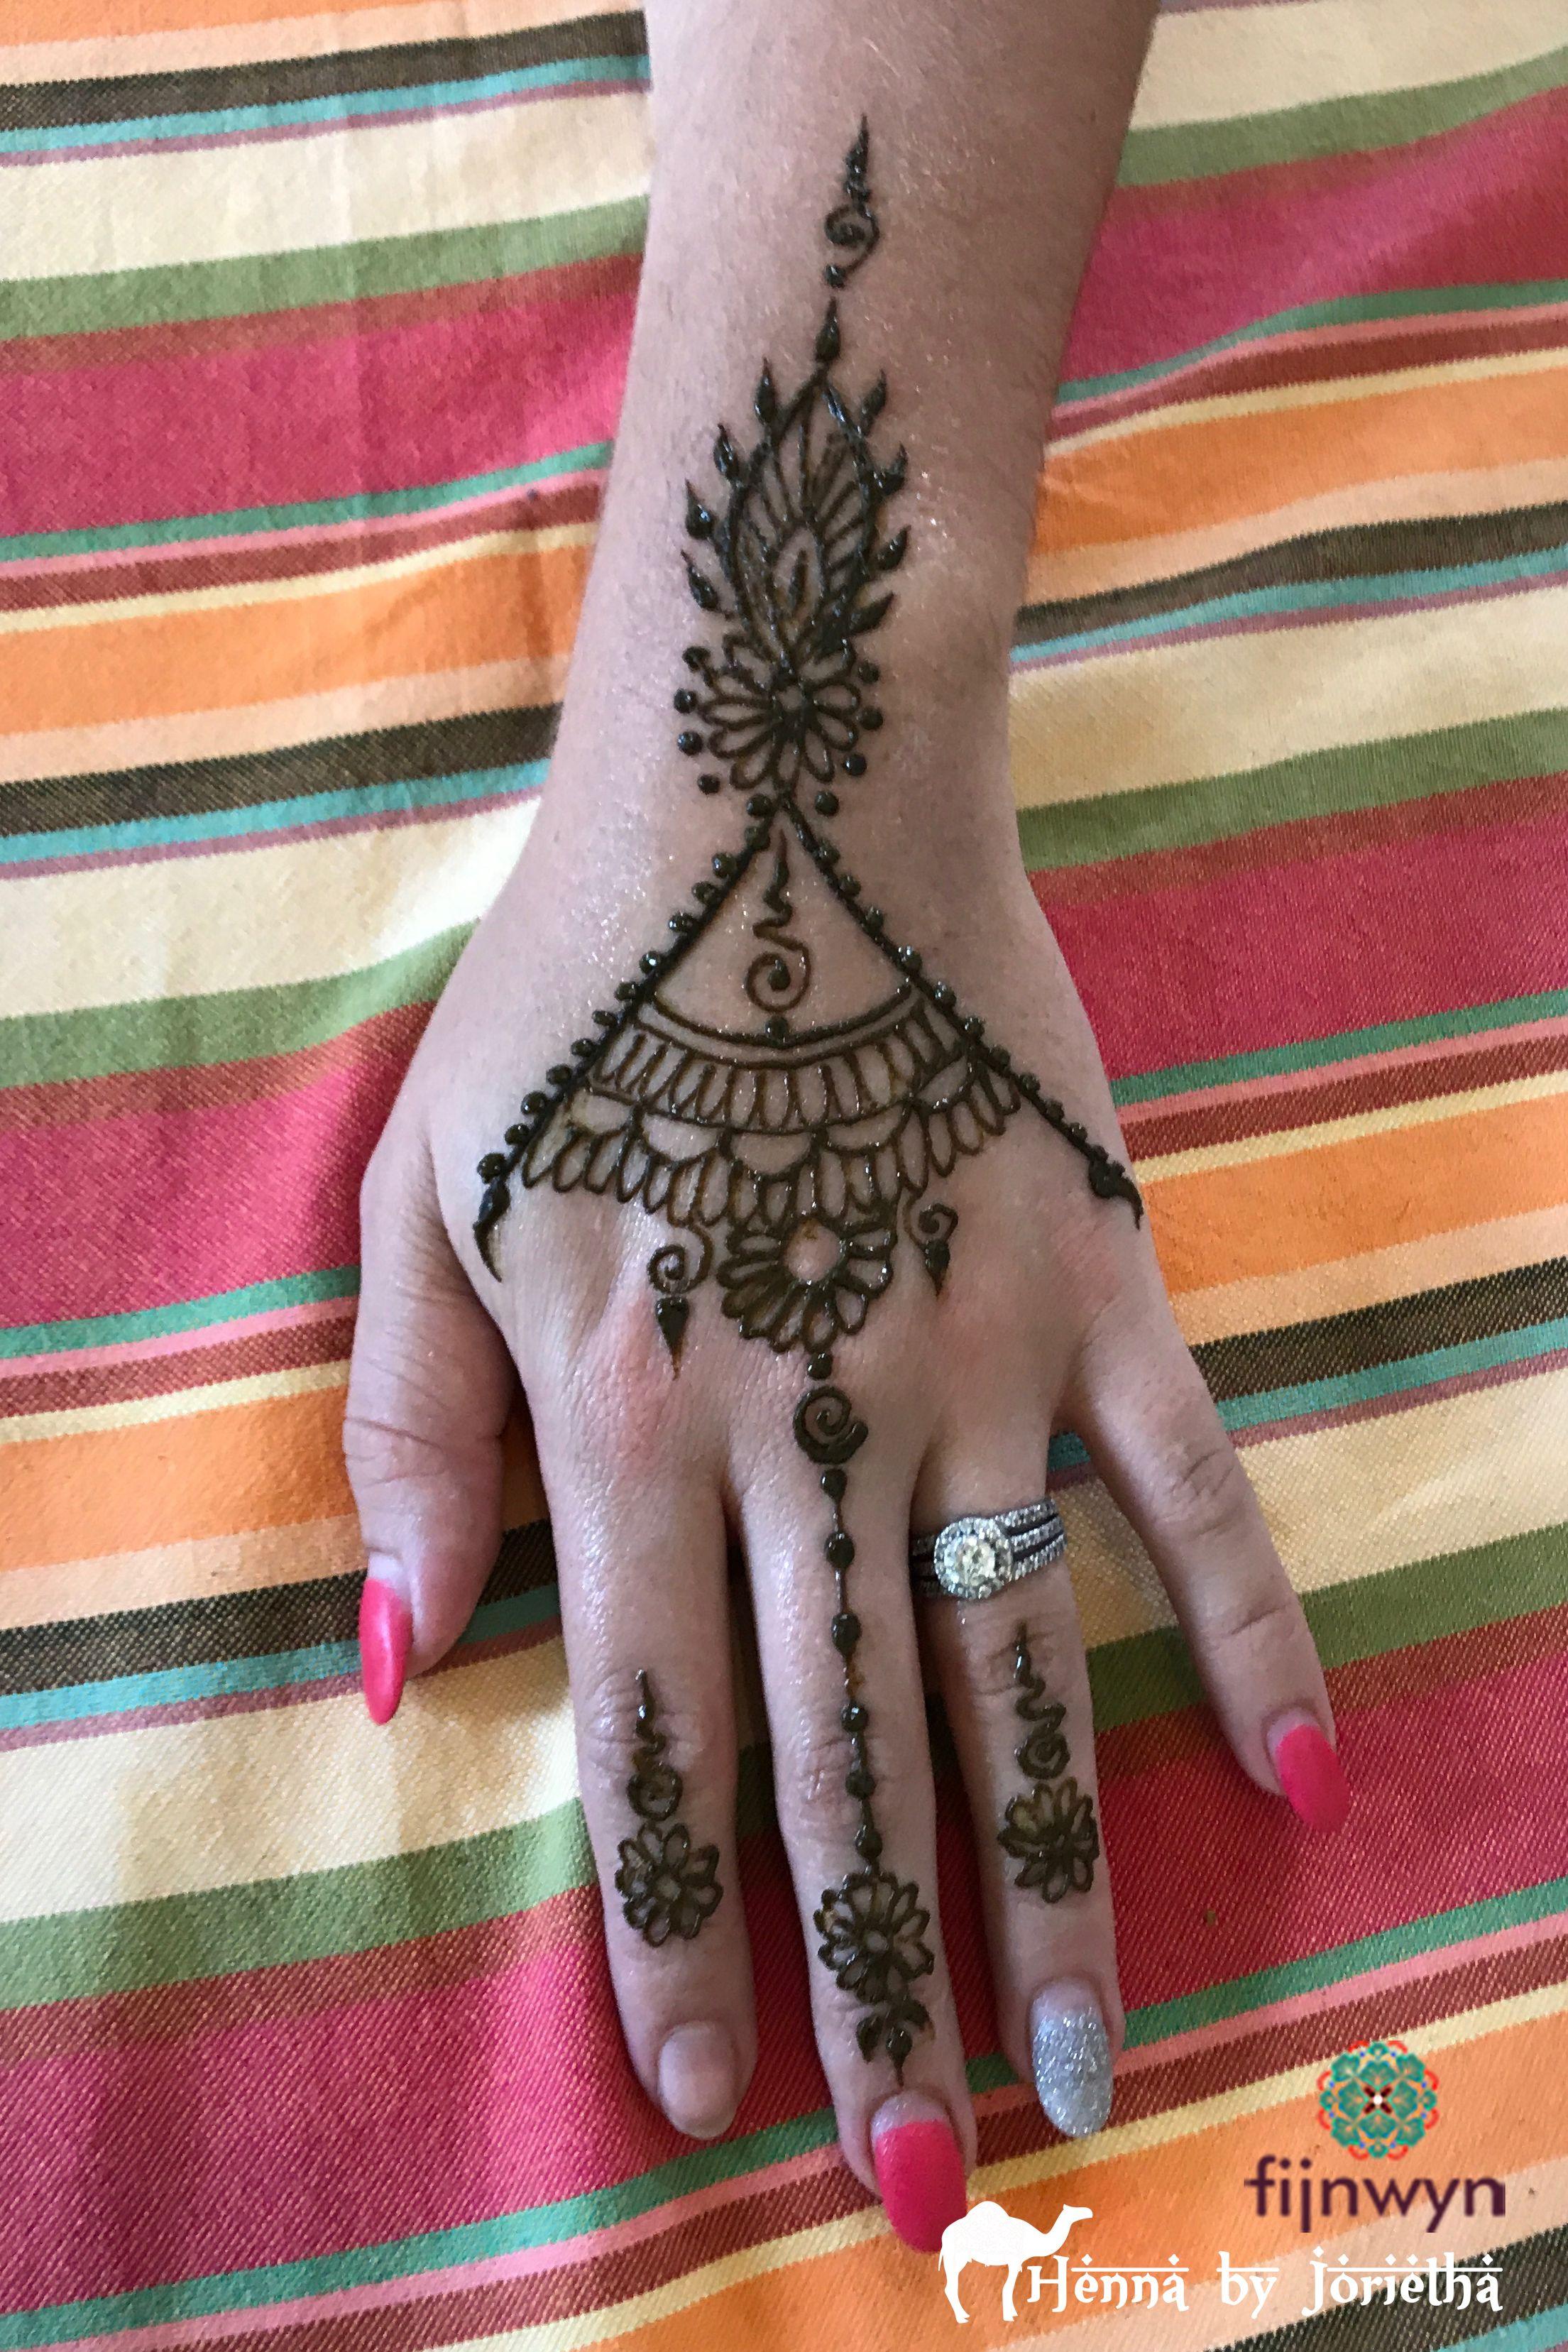 Henna Hand / Henna Tattoo / Henna Arm Henna in Pretoria